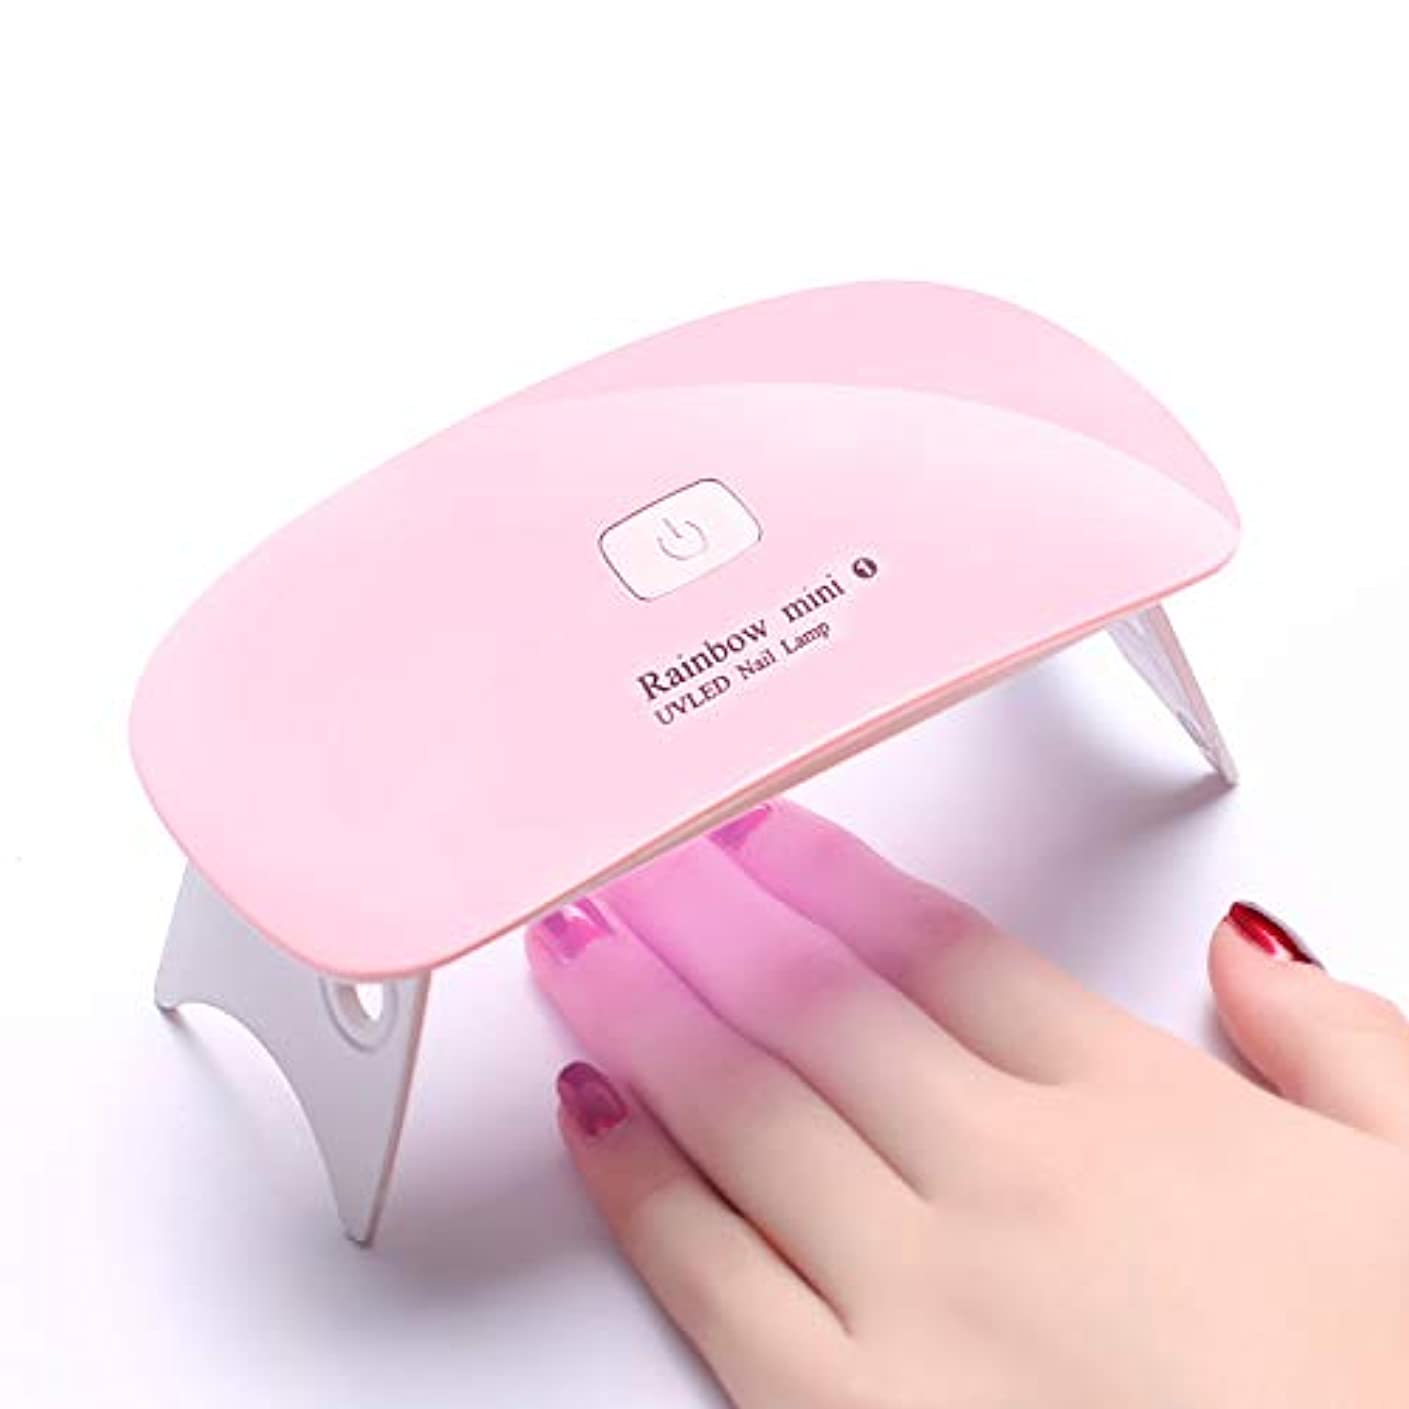 量チューリップ拒絶するLEDネイルドライヤー UVライトRaintern タイマー設定可能 折りたたみ式手足とも使える 人感センサー式 LED 硬化ライト UV と LEDダブルライト ジェルネイル用 ピンク